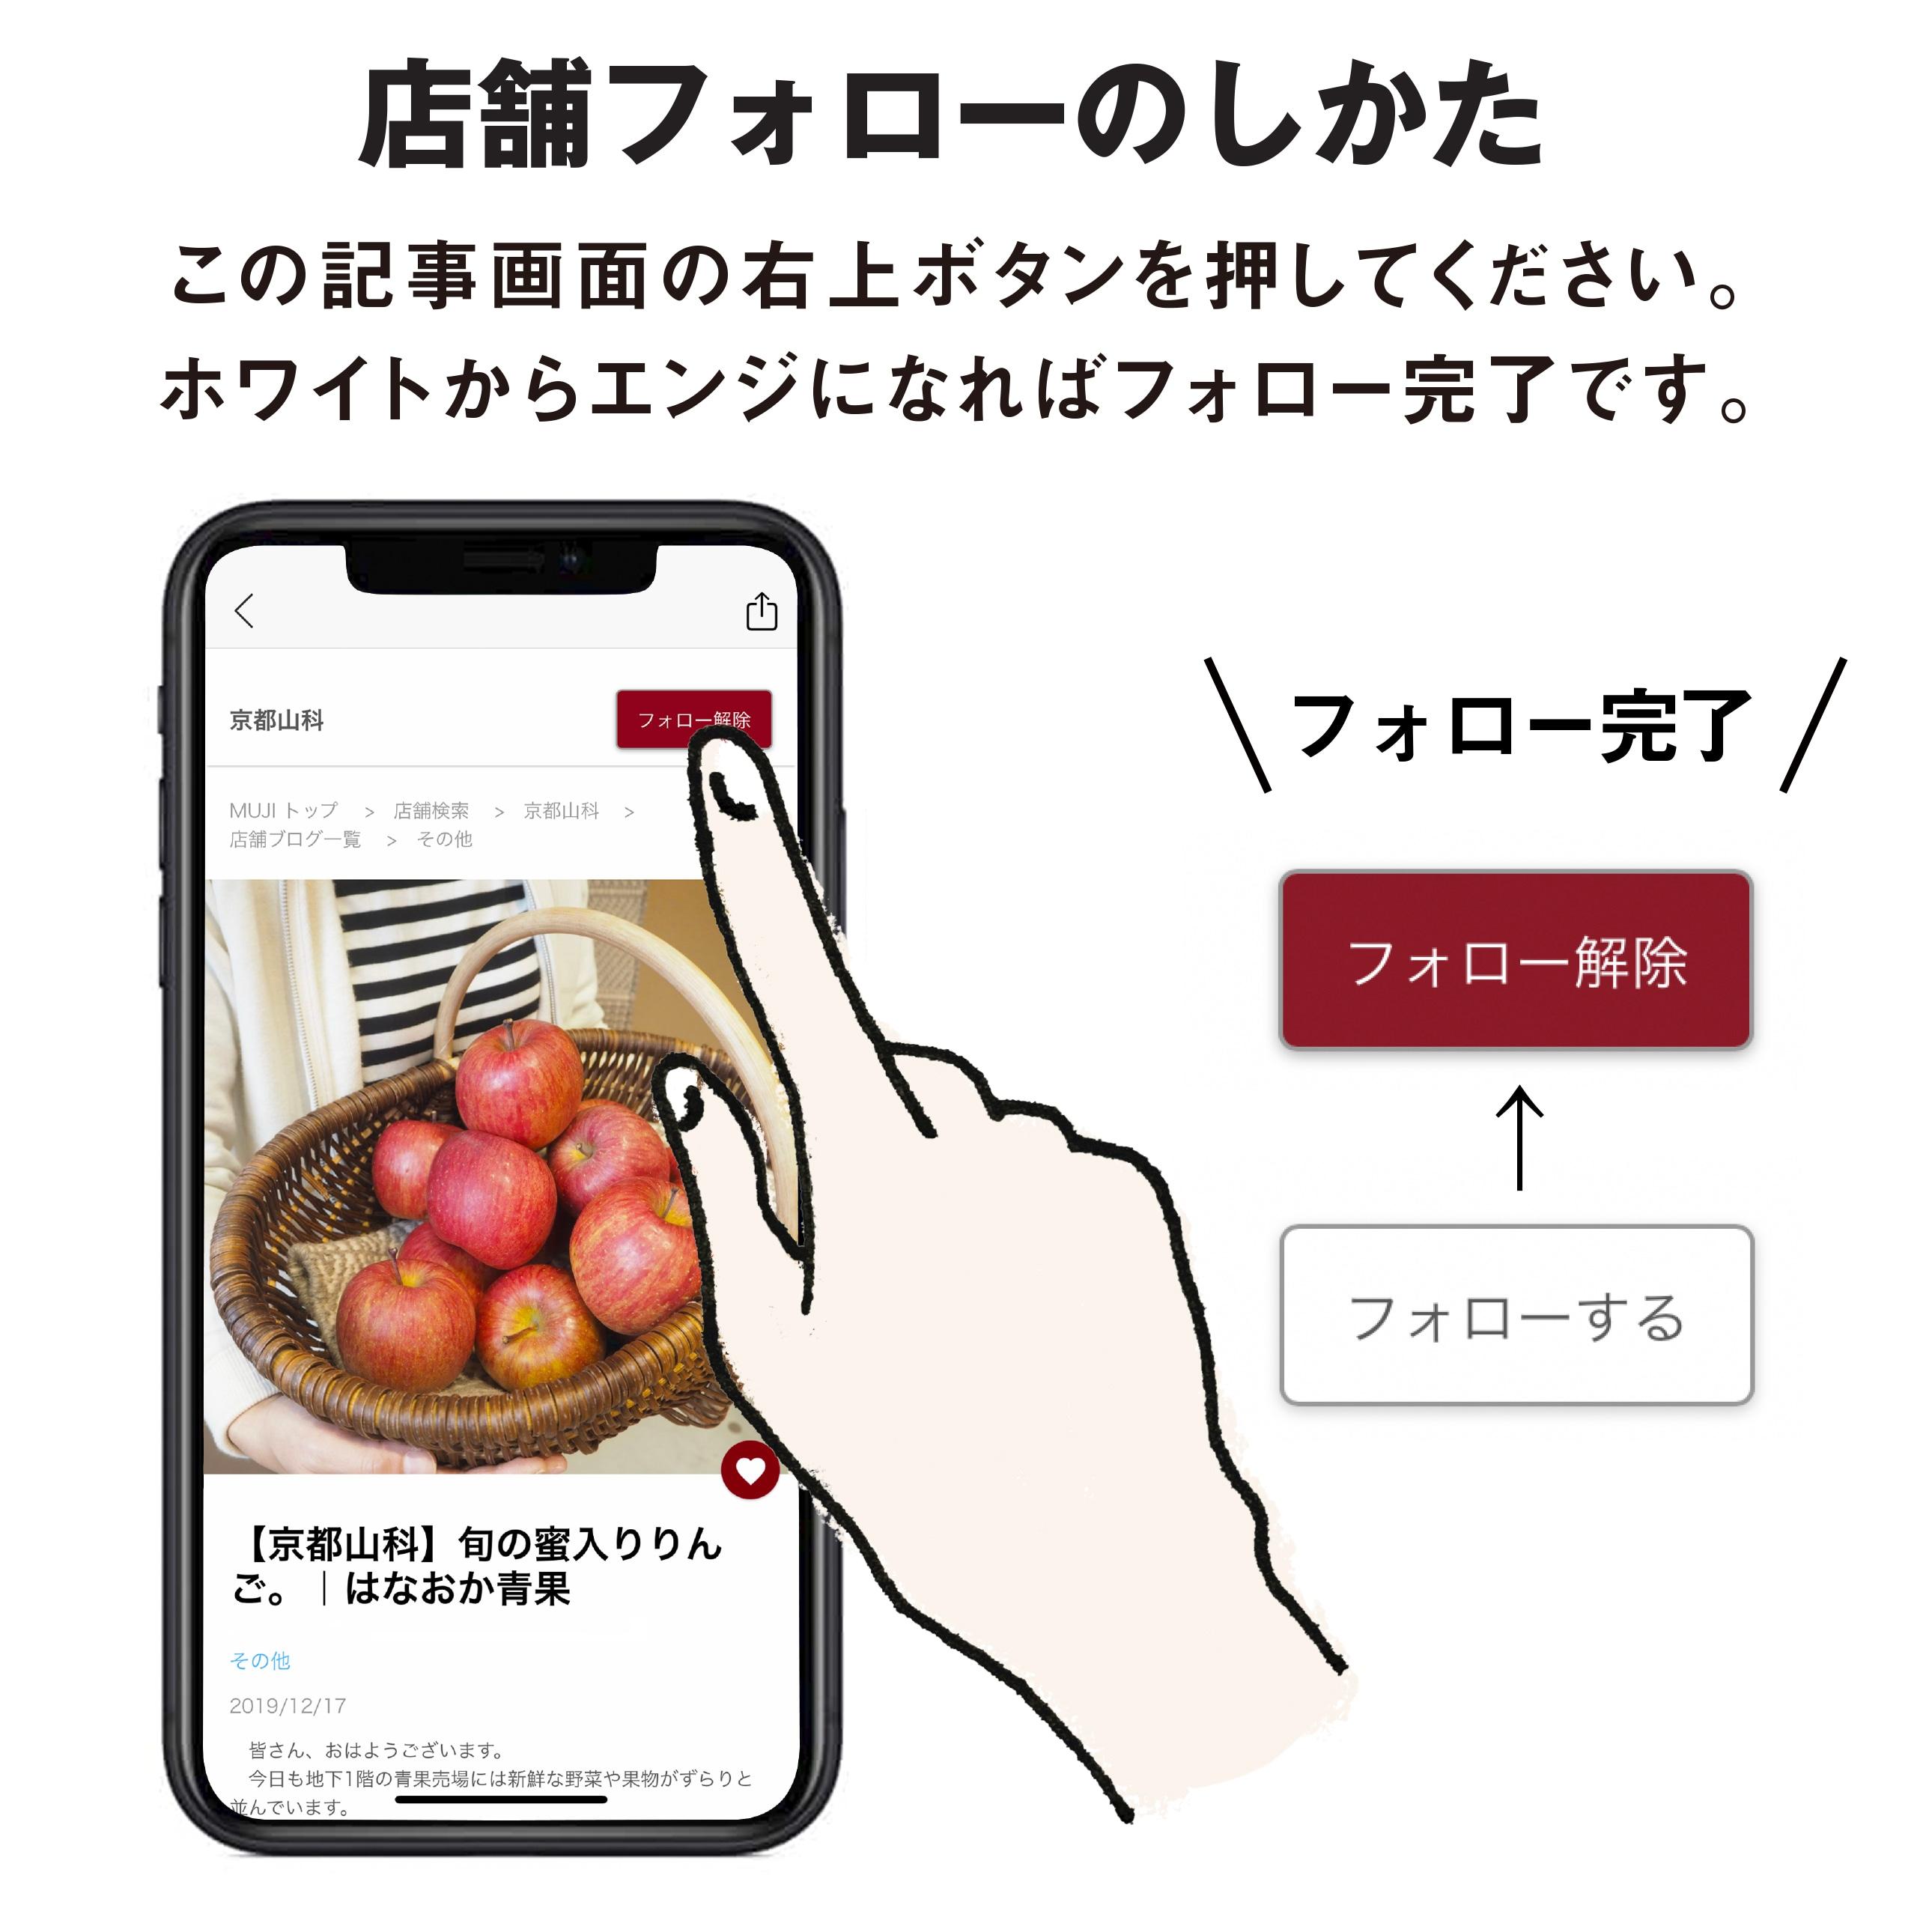 http://bon-book.jp/